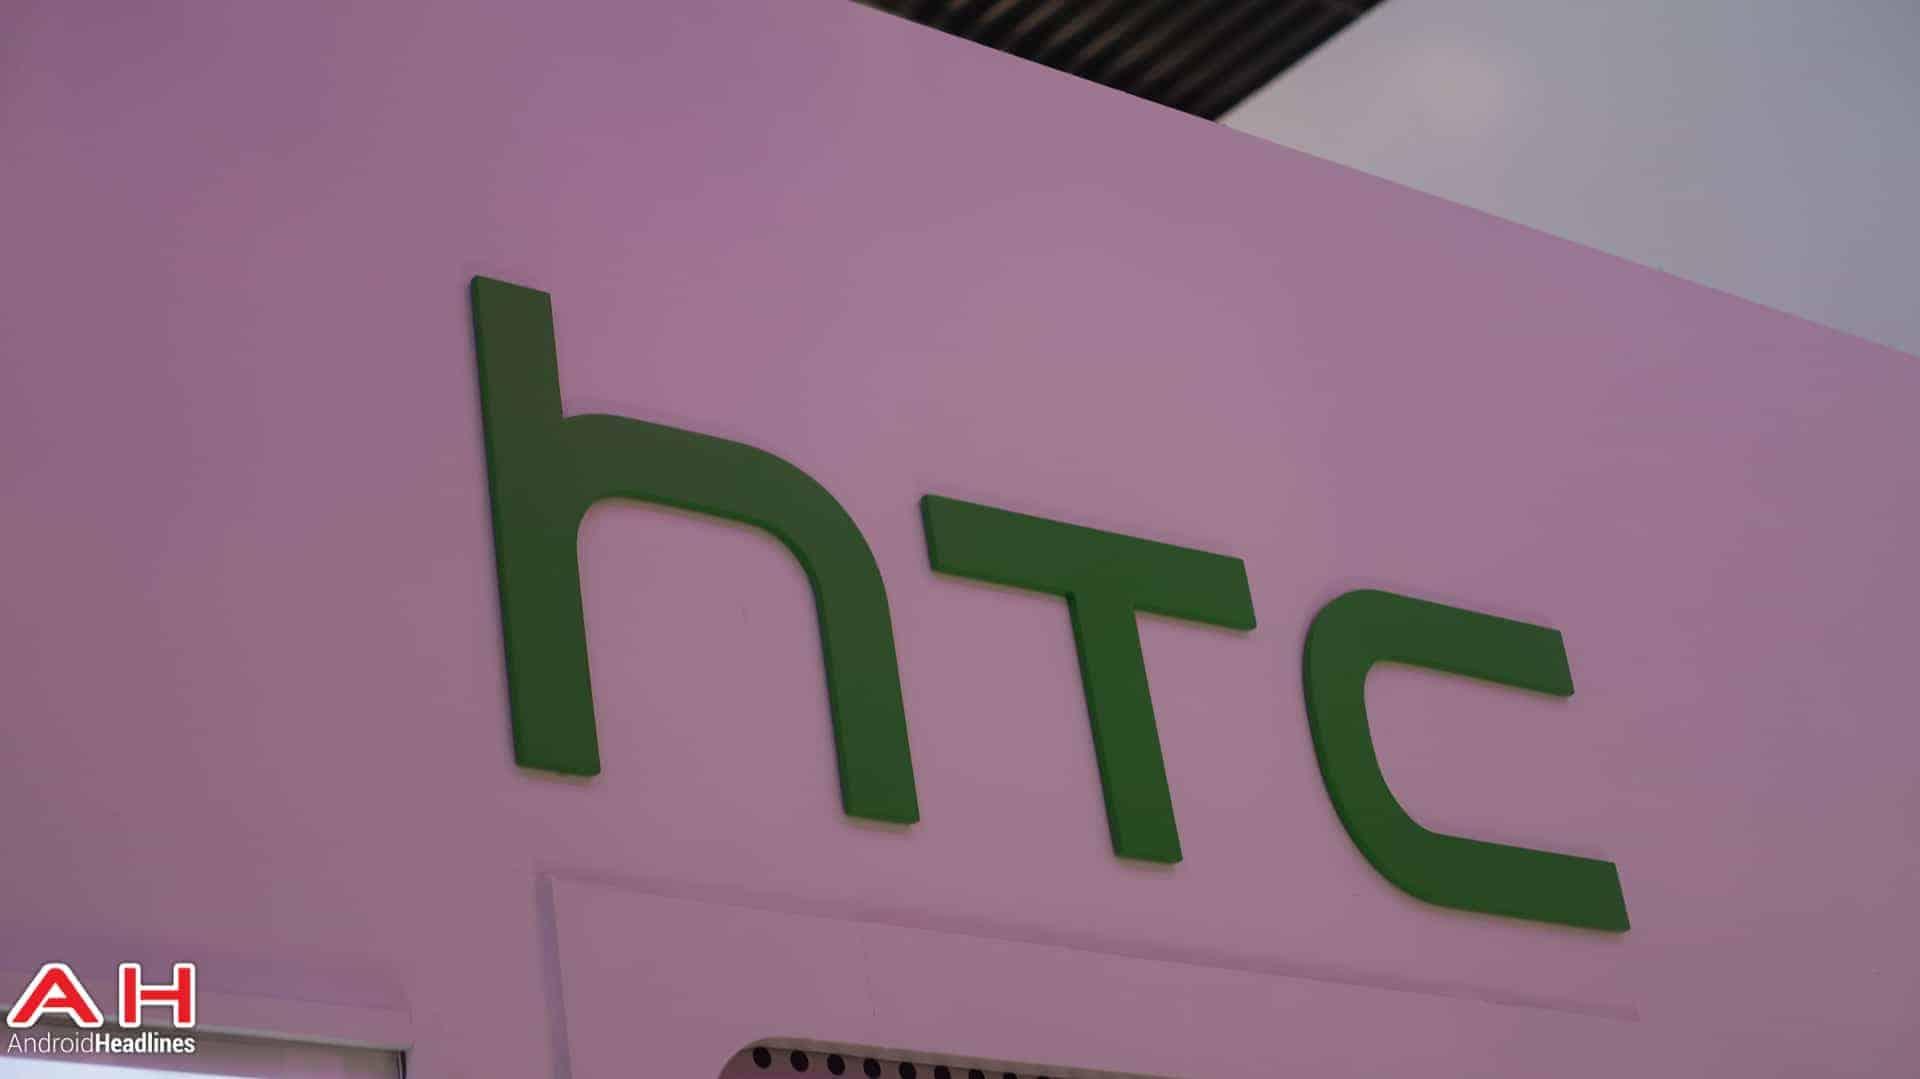 HTC-Logo-AH7